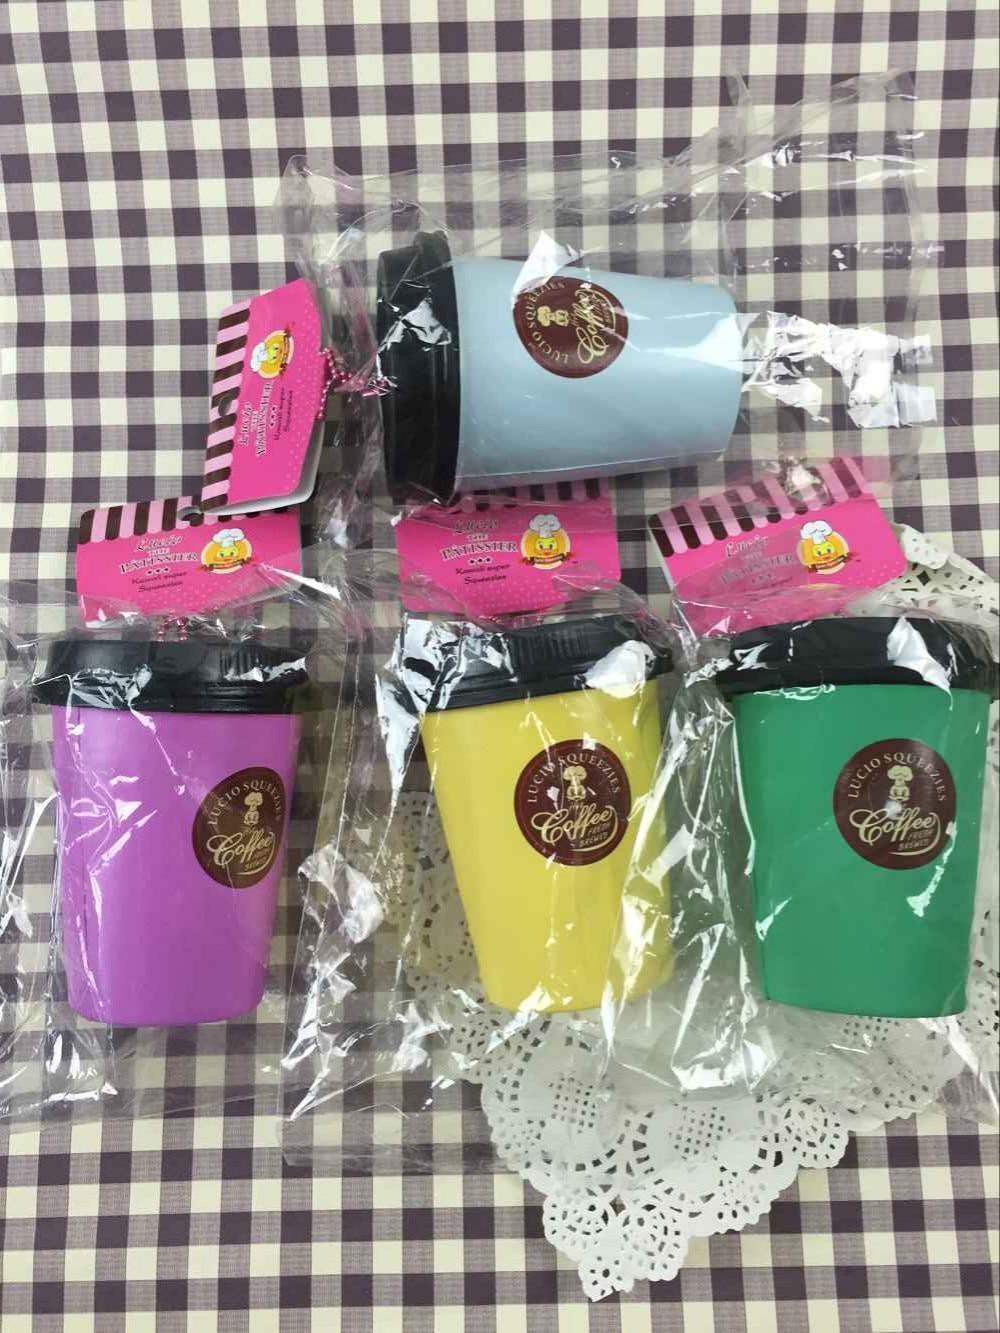 לוצ'יו קפה גביע squishy צעצועים 1pcs / lot - צעצועים הומוריסטיים